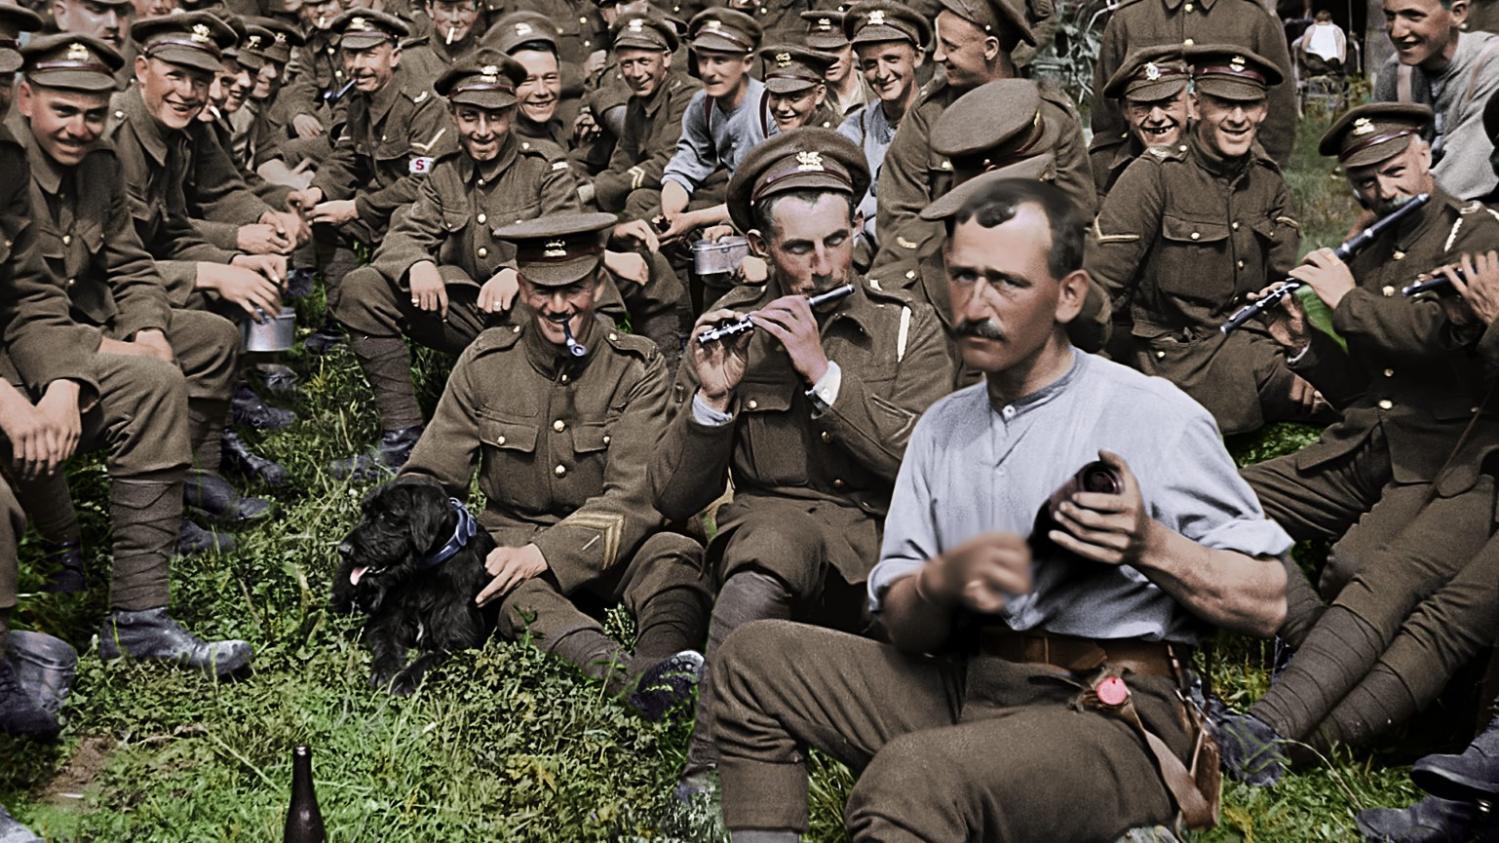 sites de rencontre pour les soldats au Royaume-Uni